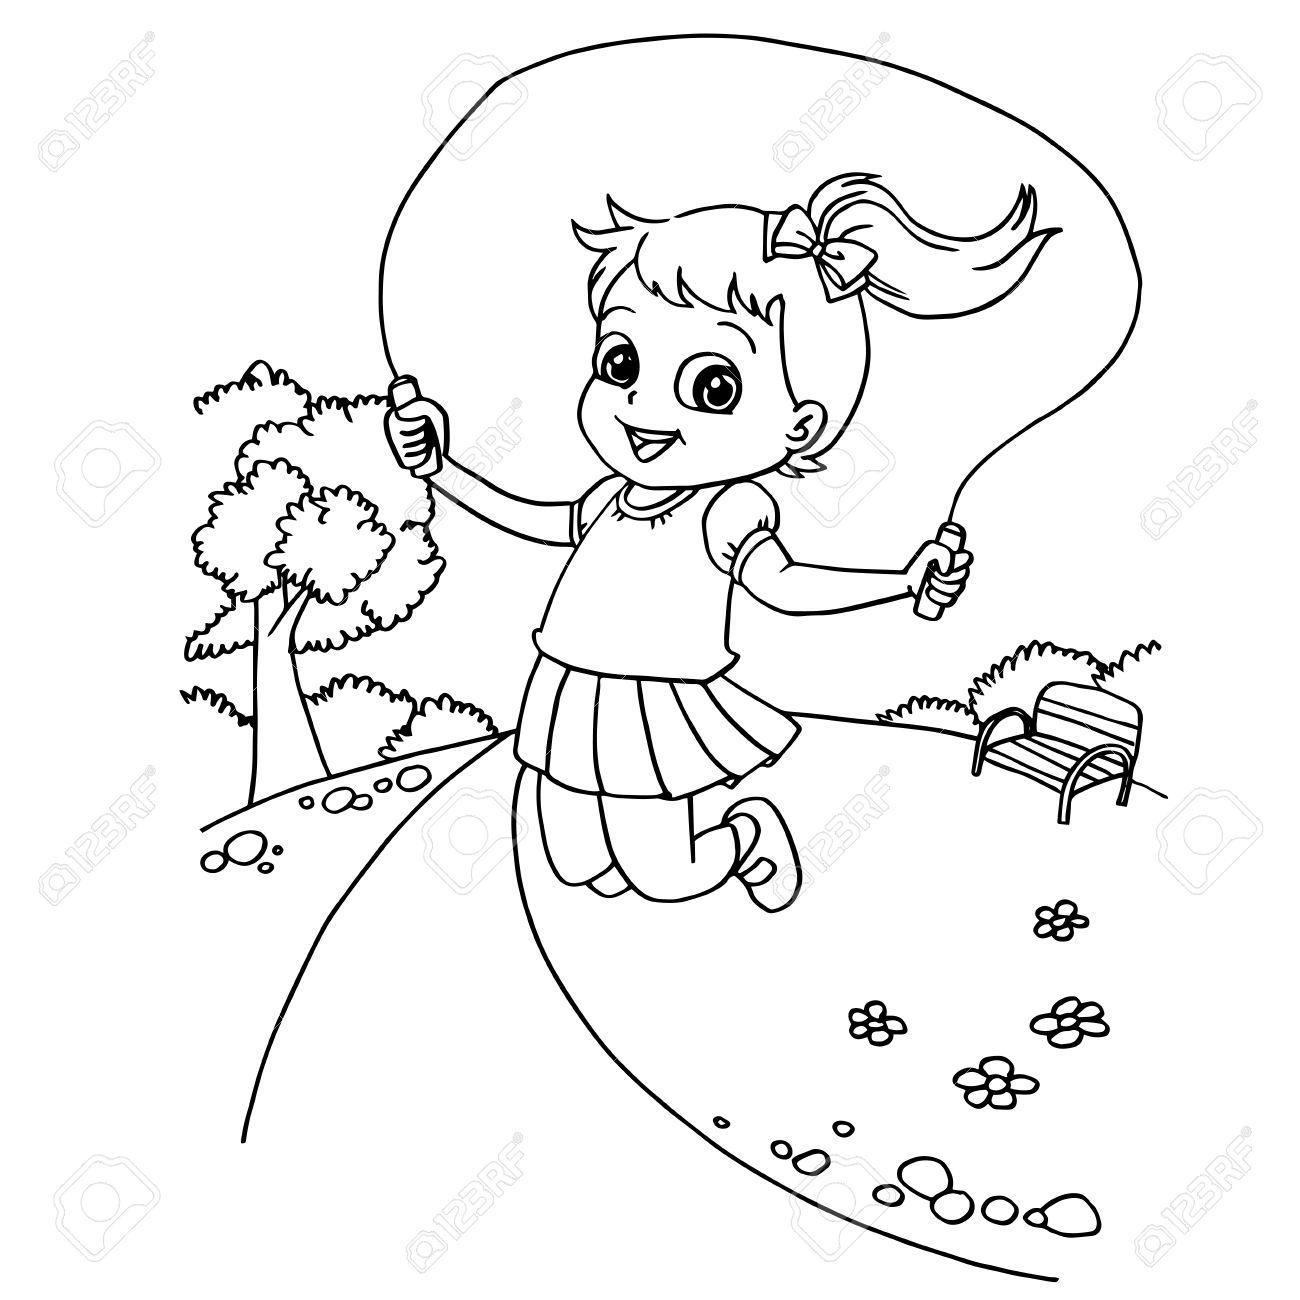 Kid Saltar Cuerda De Dibujos Animados Para Colorear Pagina